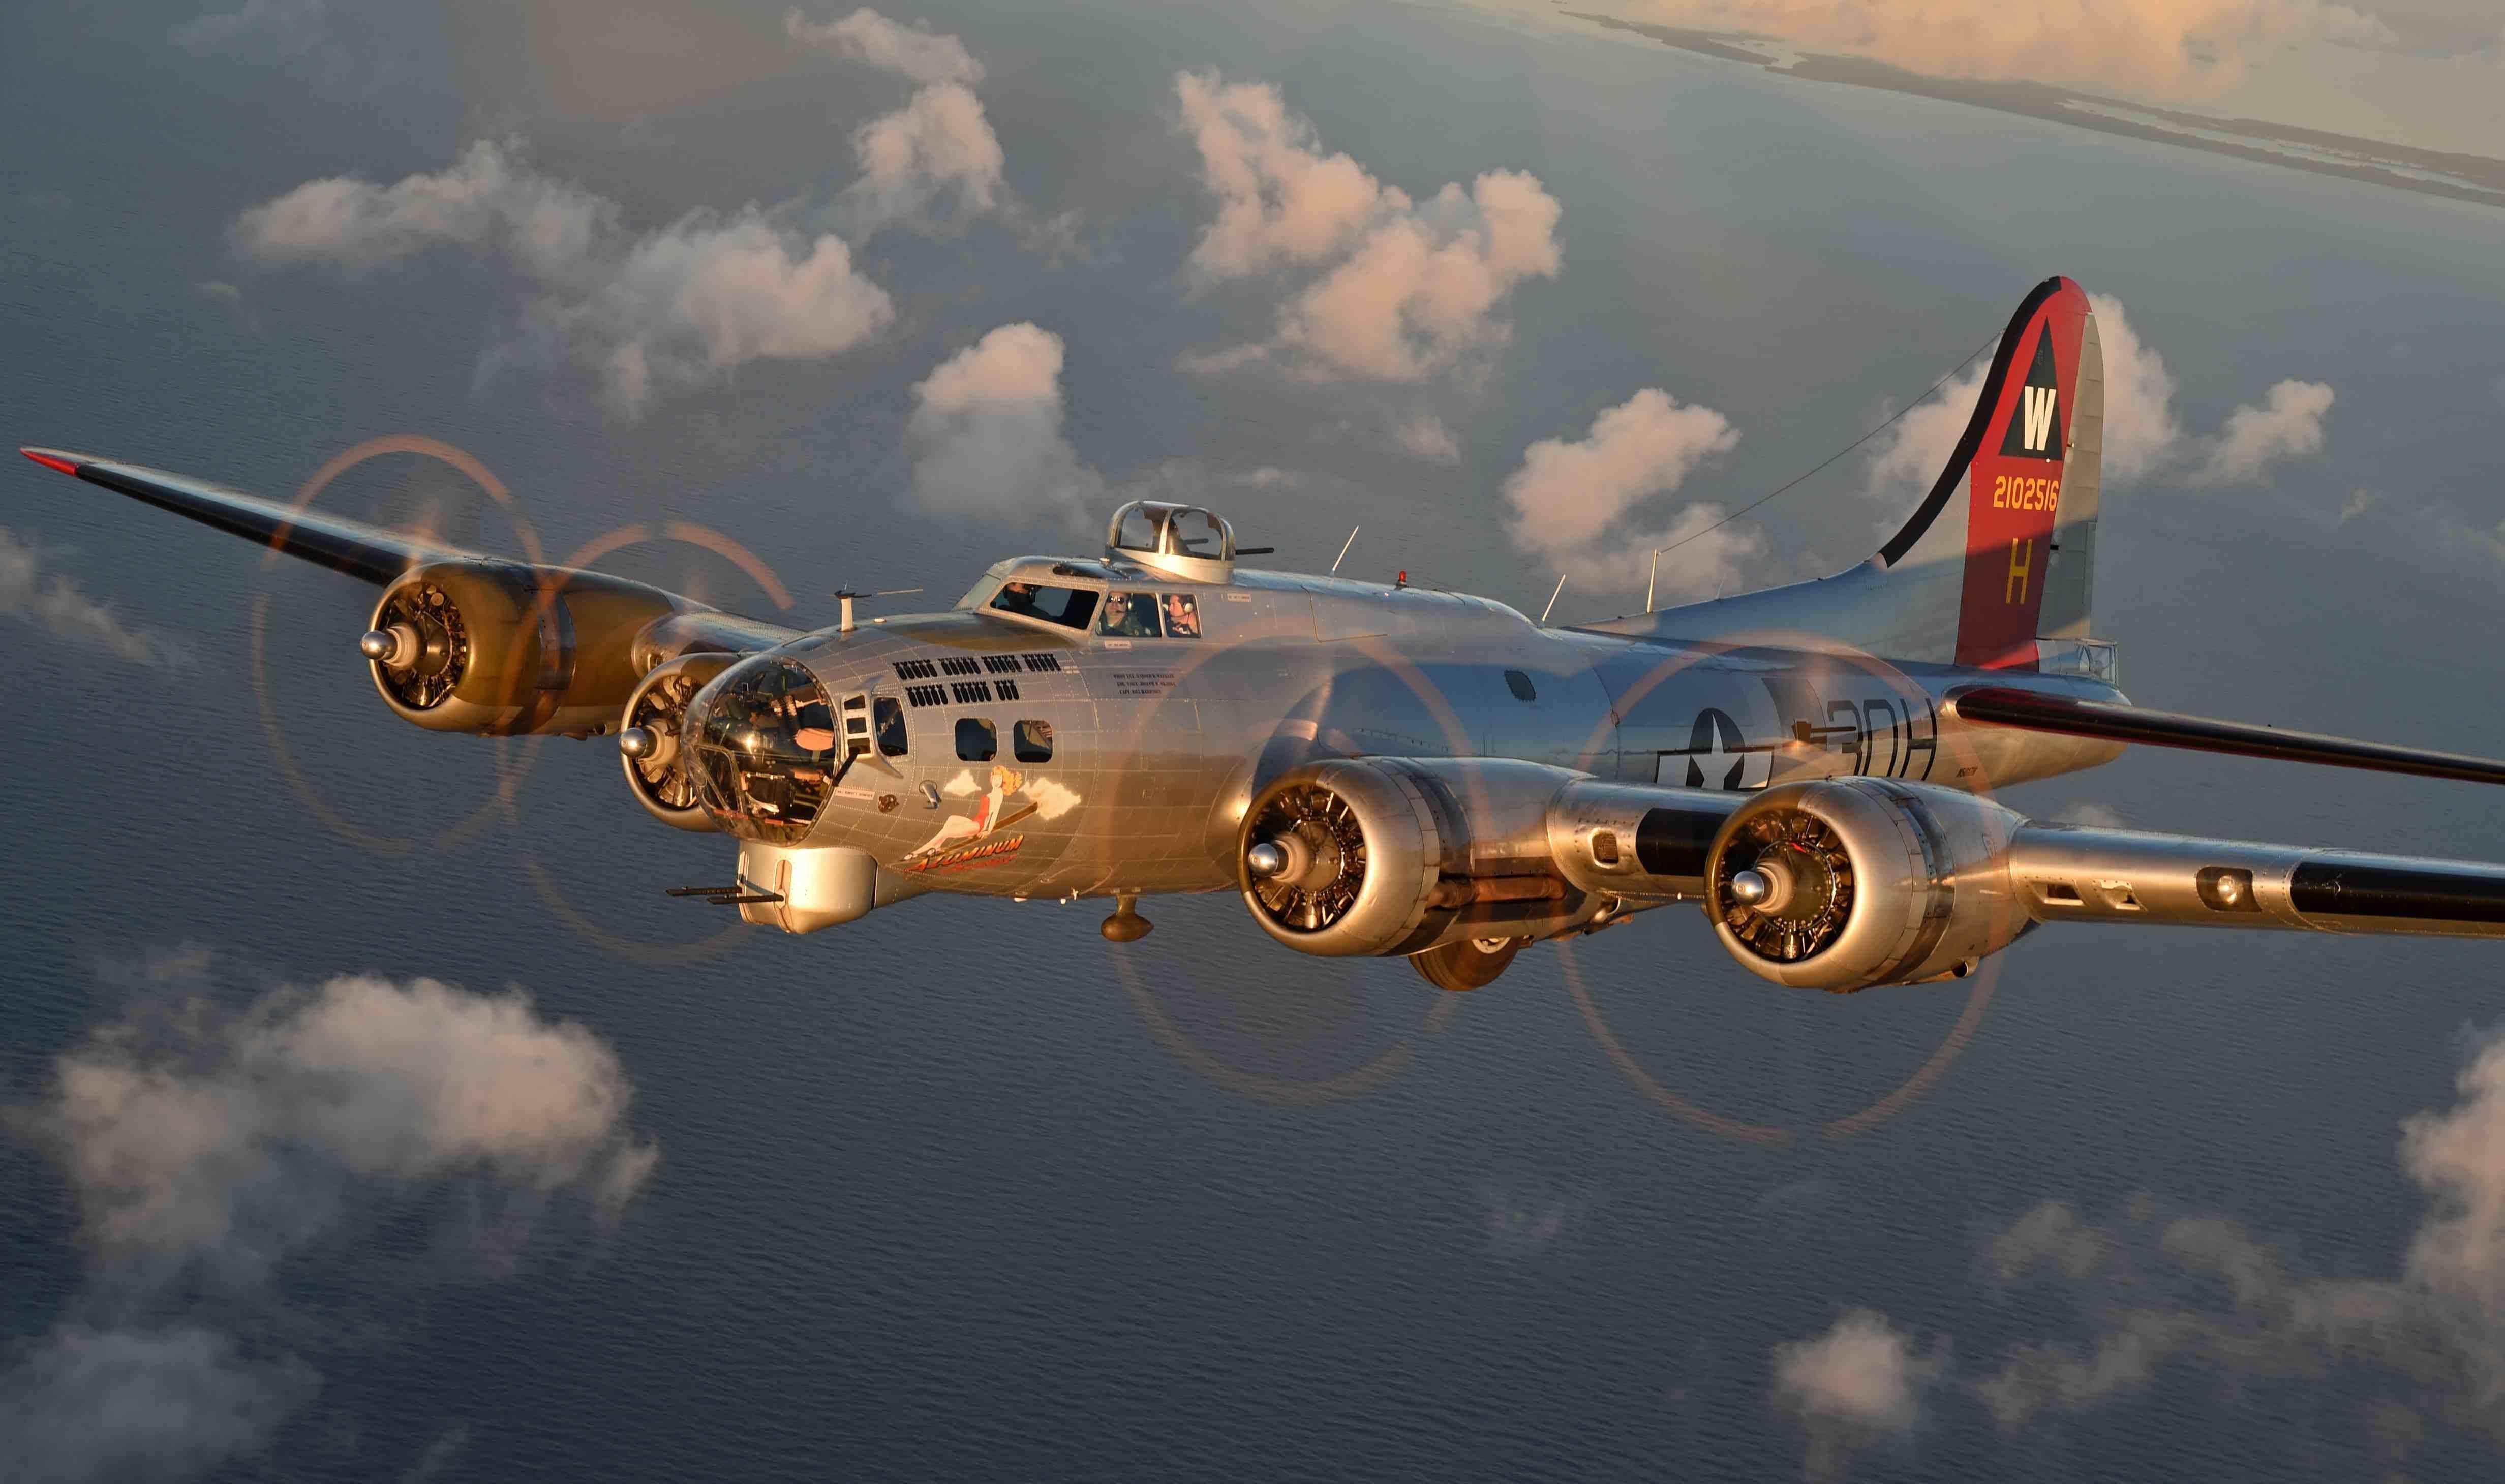 Первый американский четырехмоторный бомбардировщик боинг b-17 «flying fortress» | красные соколы нашей родины